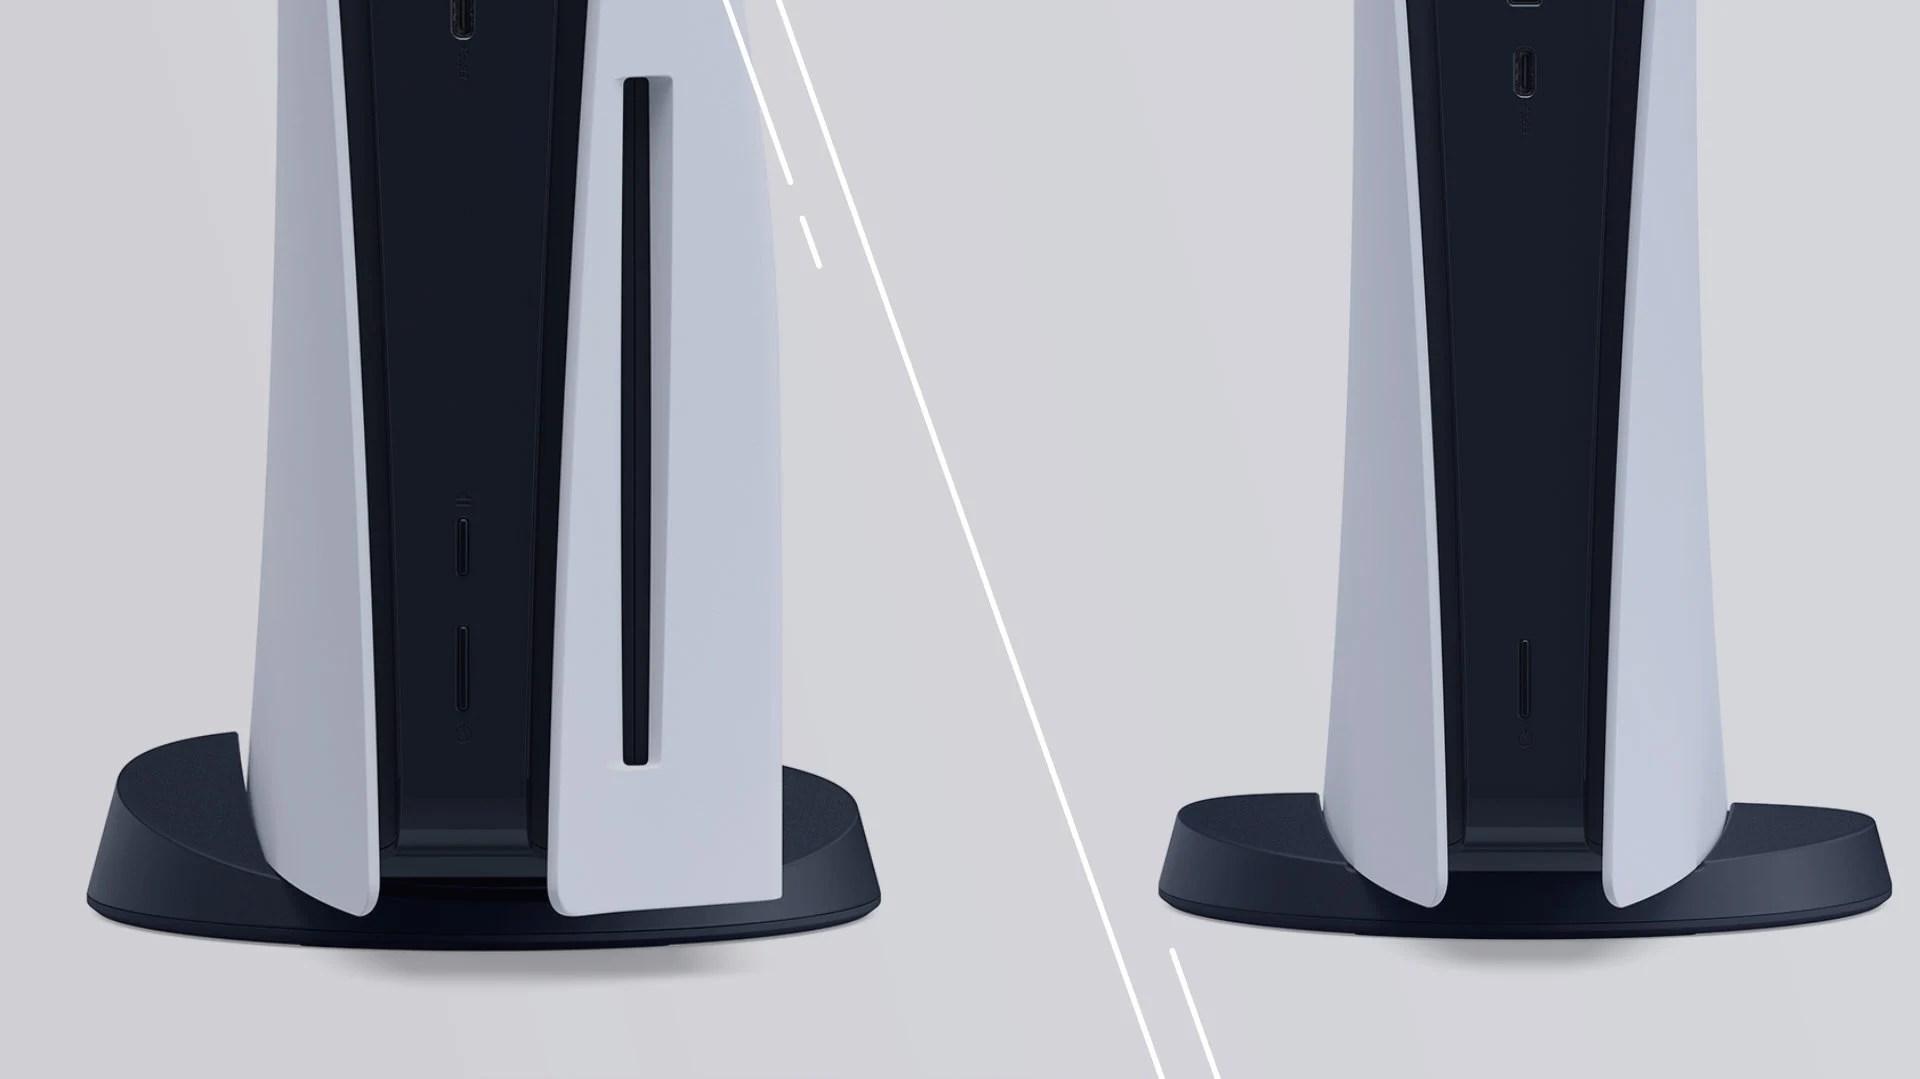 PS5 ou PS5 Digital Edition: quel modèle faut-il choisir?